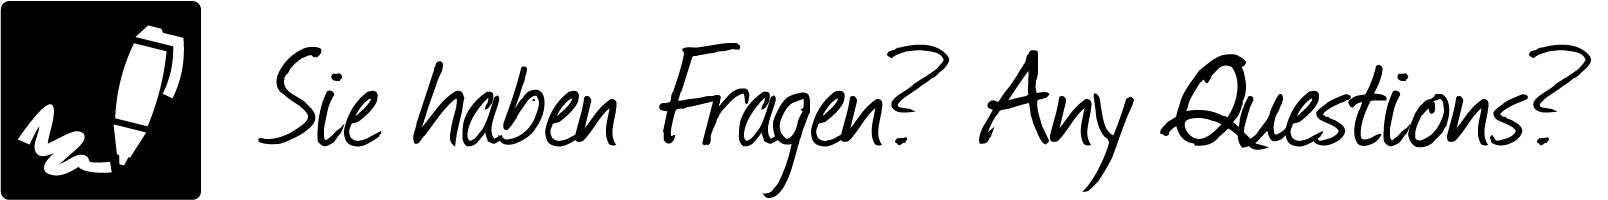 2013-12-19-Leistungen-fragen.png